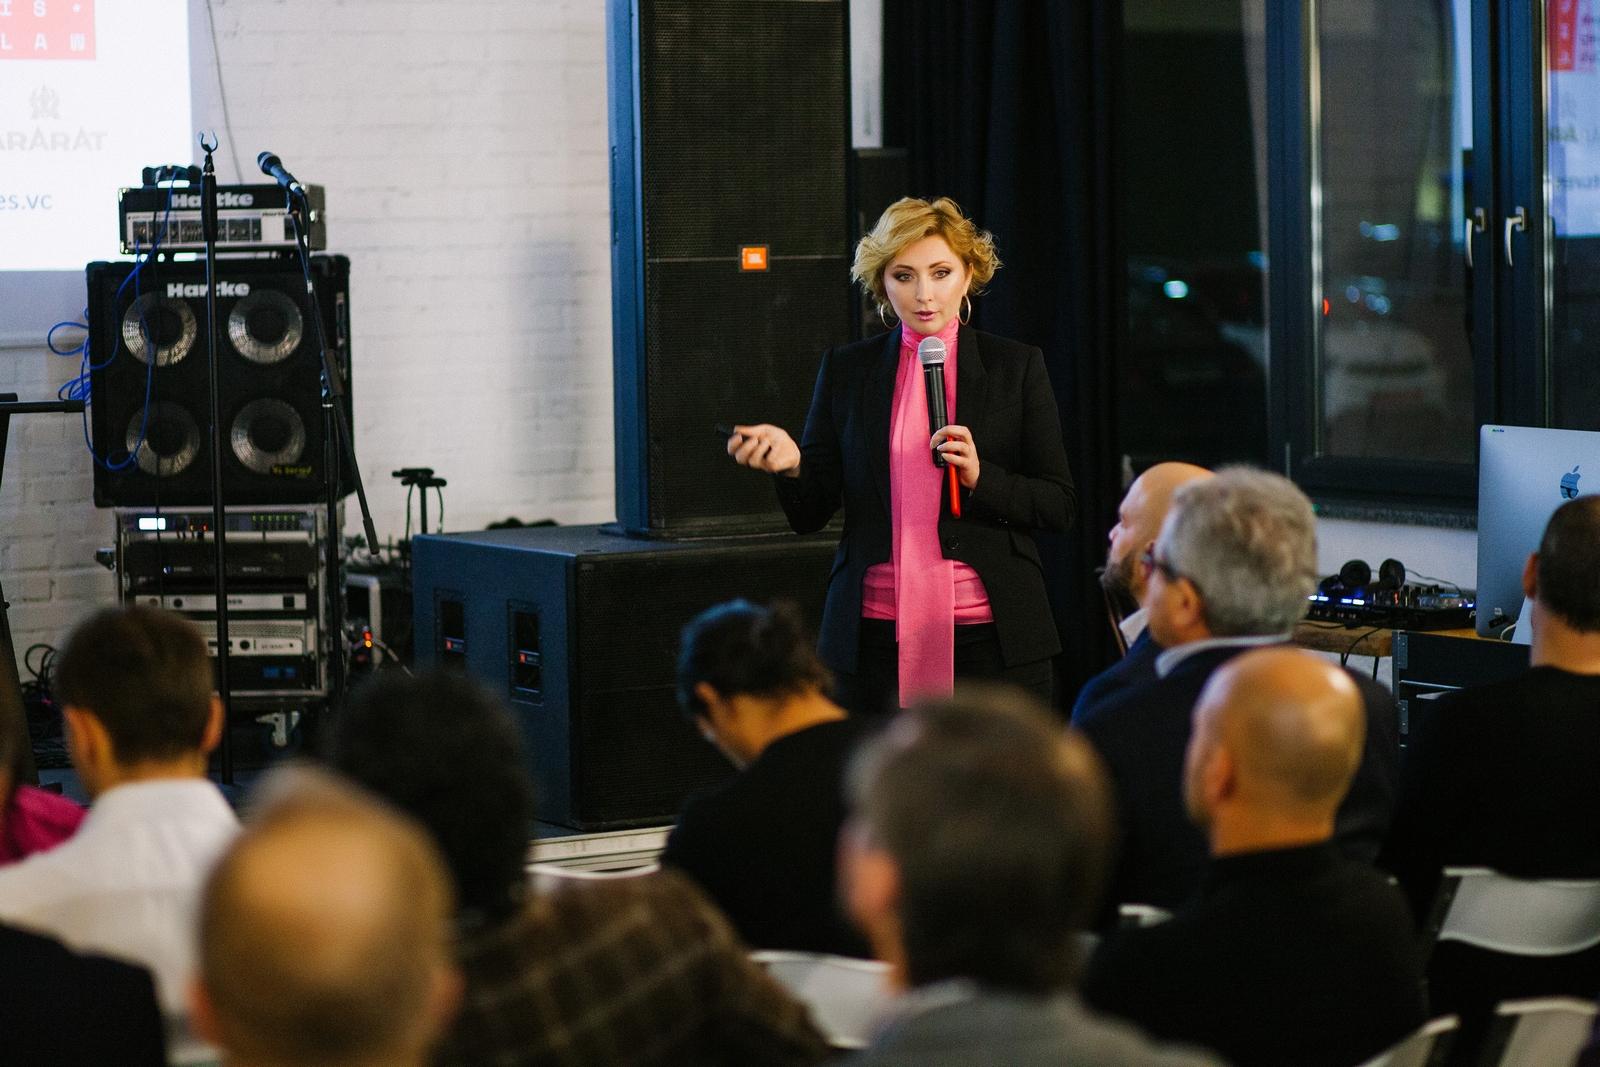 ОЦЕНИМЫЙ ВКЛАД: Виктория Тигипко из TA Ventures о том, как за 0 000 купить опыт, научиться правильно дышать и о «черном списке» инвесторов